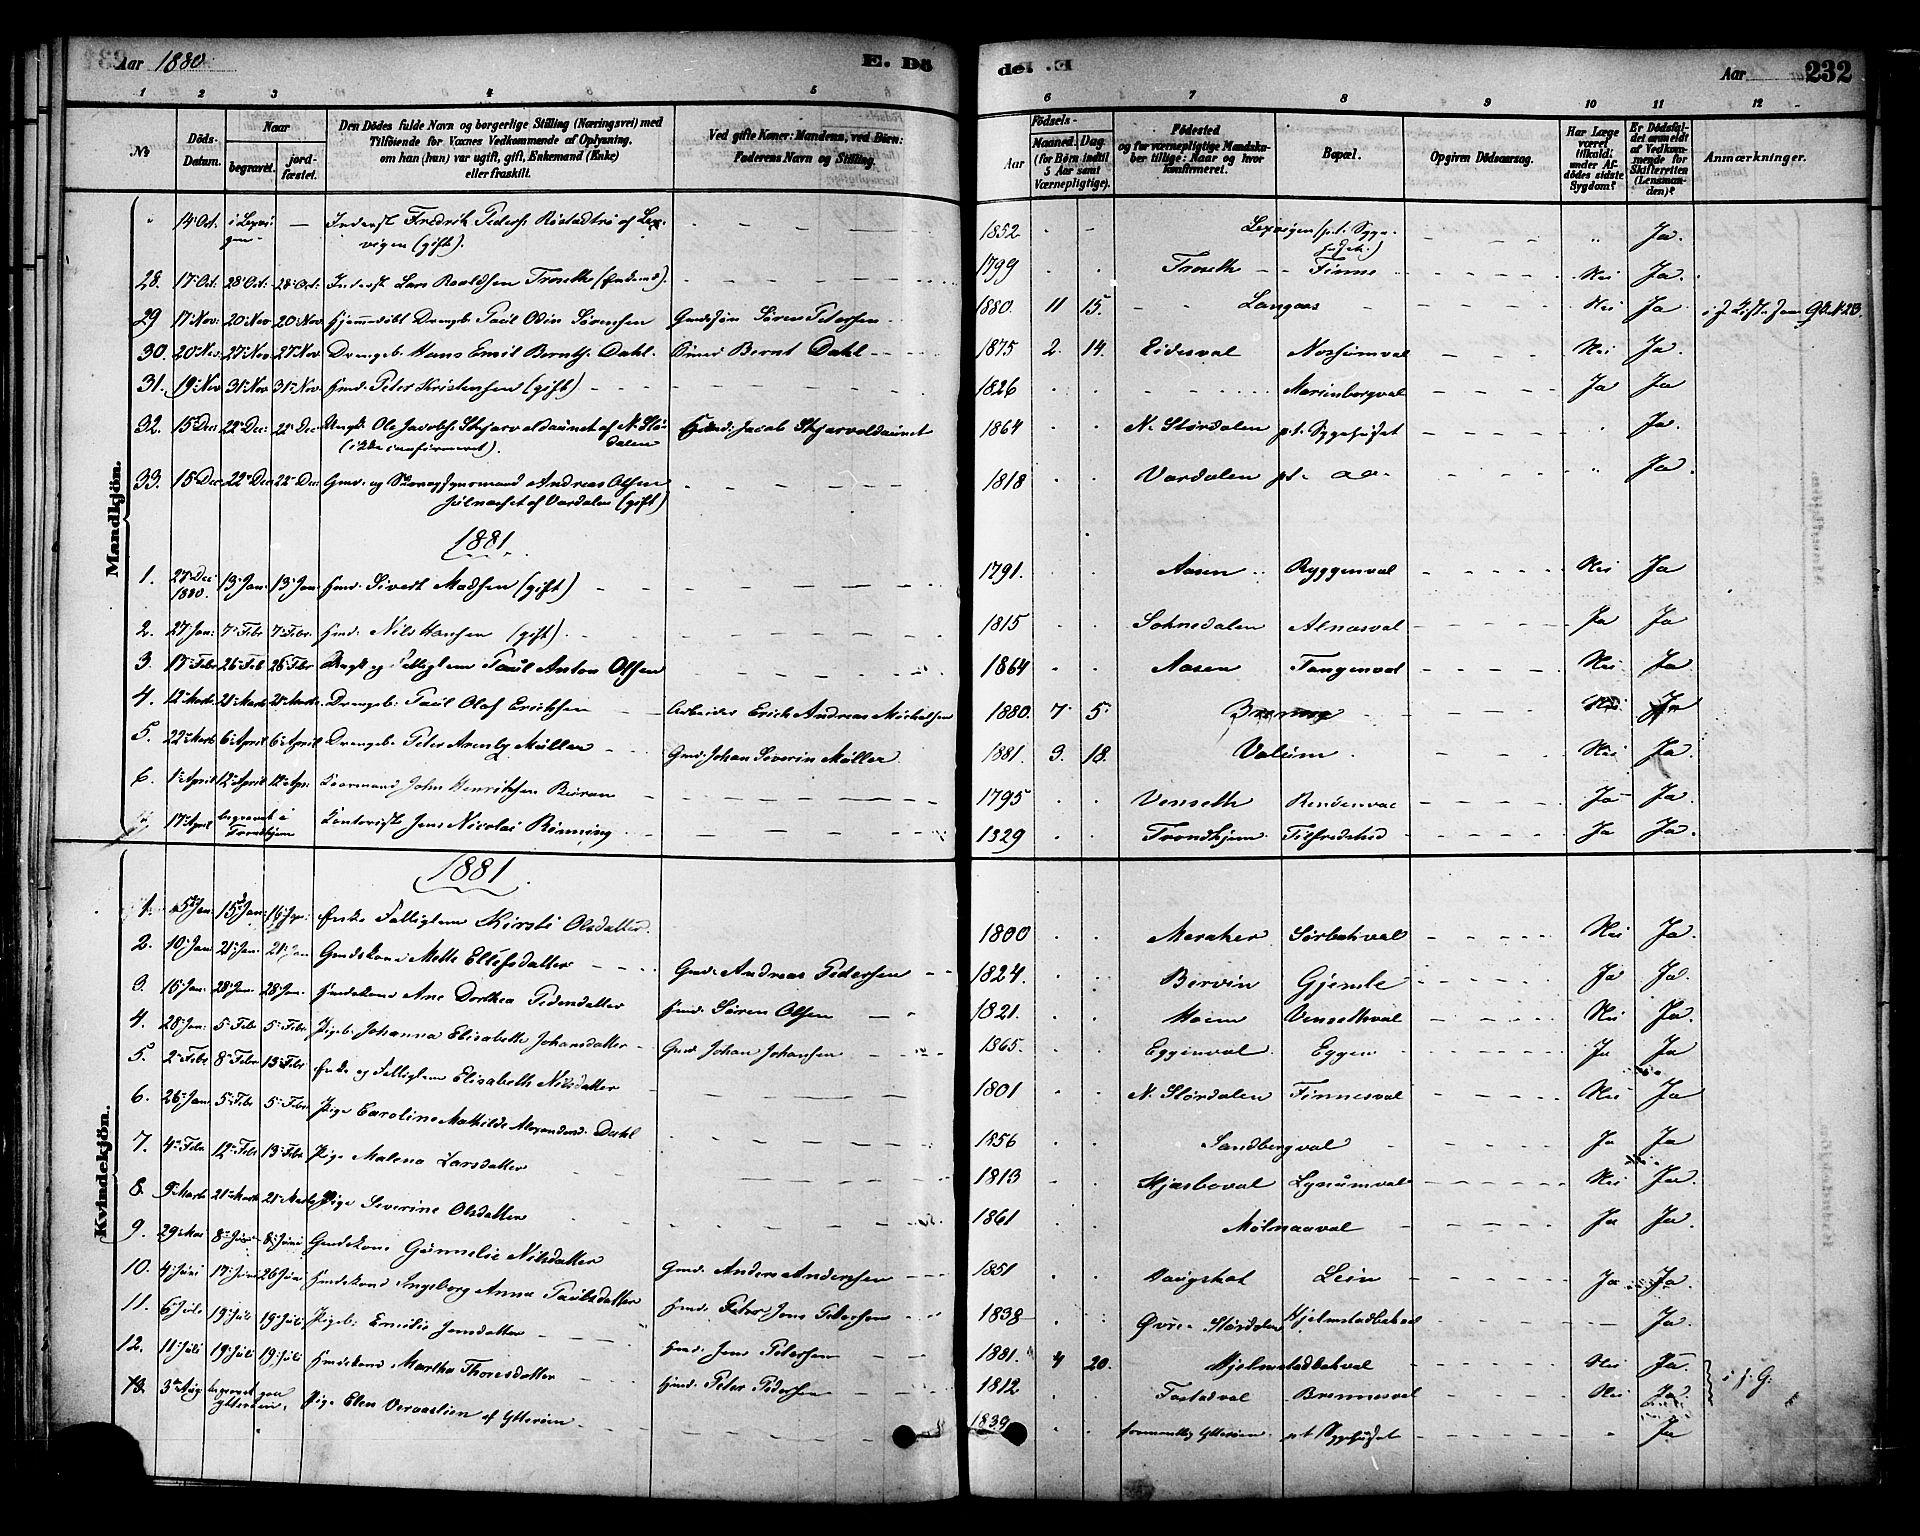 SAT, Ministerialprotokoller, klokkerbøker og fødselsregistre - Nord-Trøndelag, 717/L0159: Ministerialbok nr. 717A09, 1878-1898, s. 232